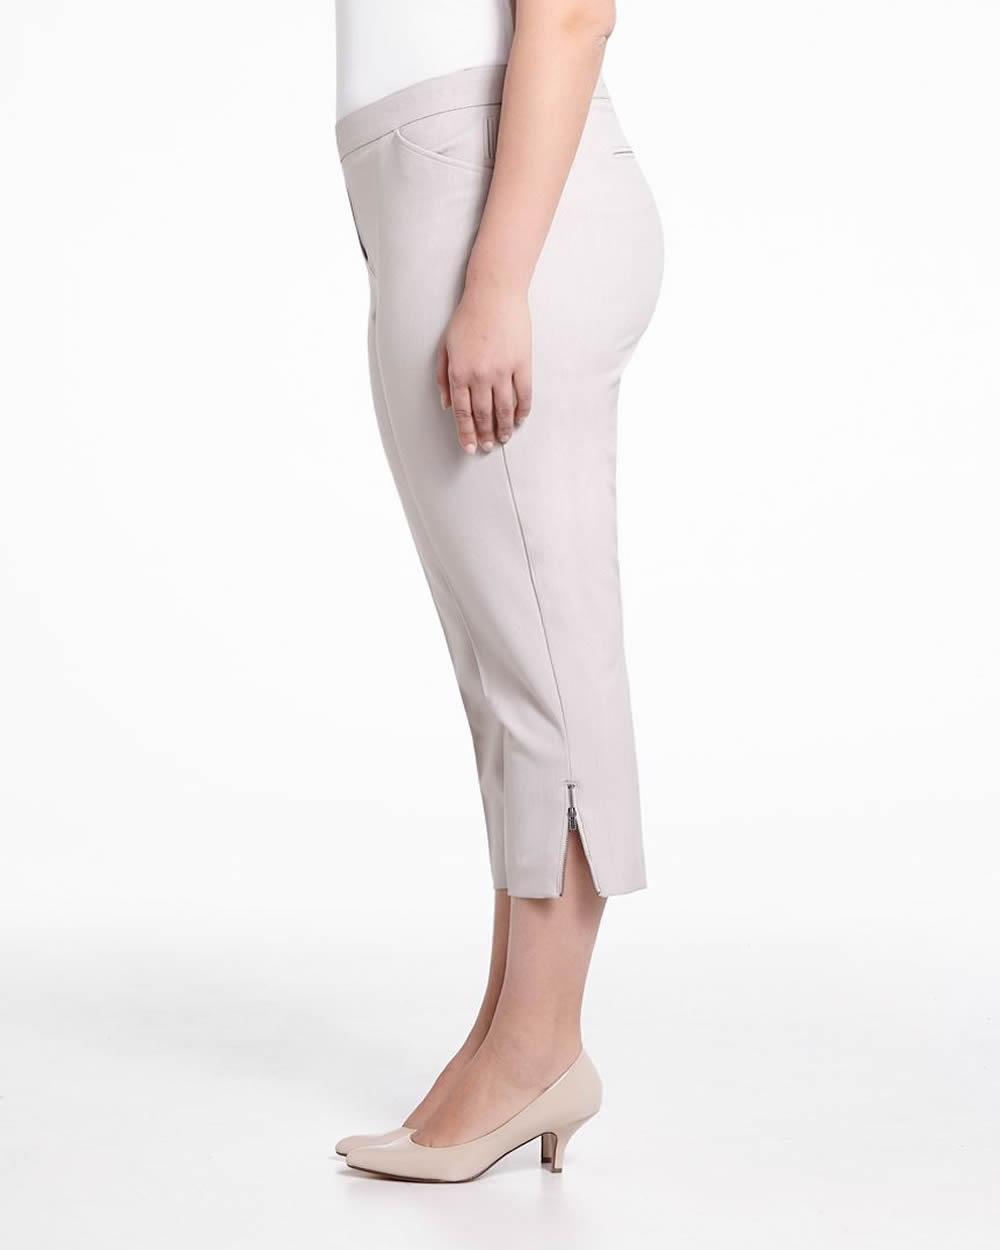 Plus Size Dress Capris Plus Sizes Shop Online At Reitmans